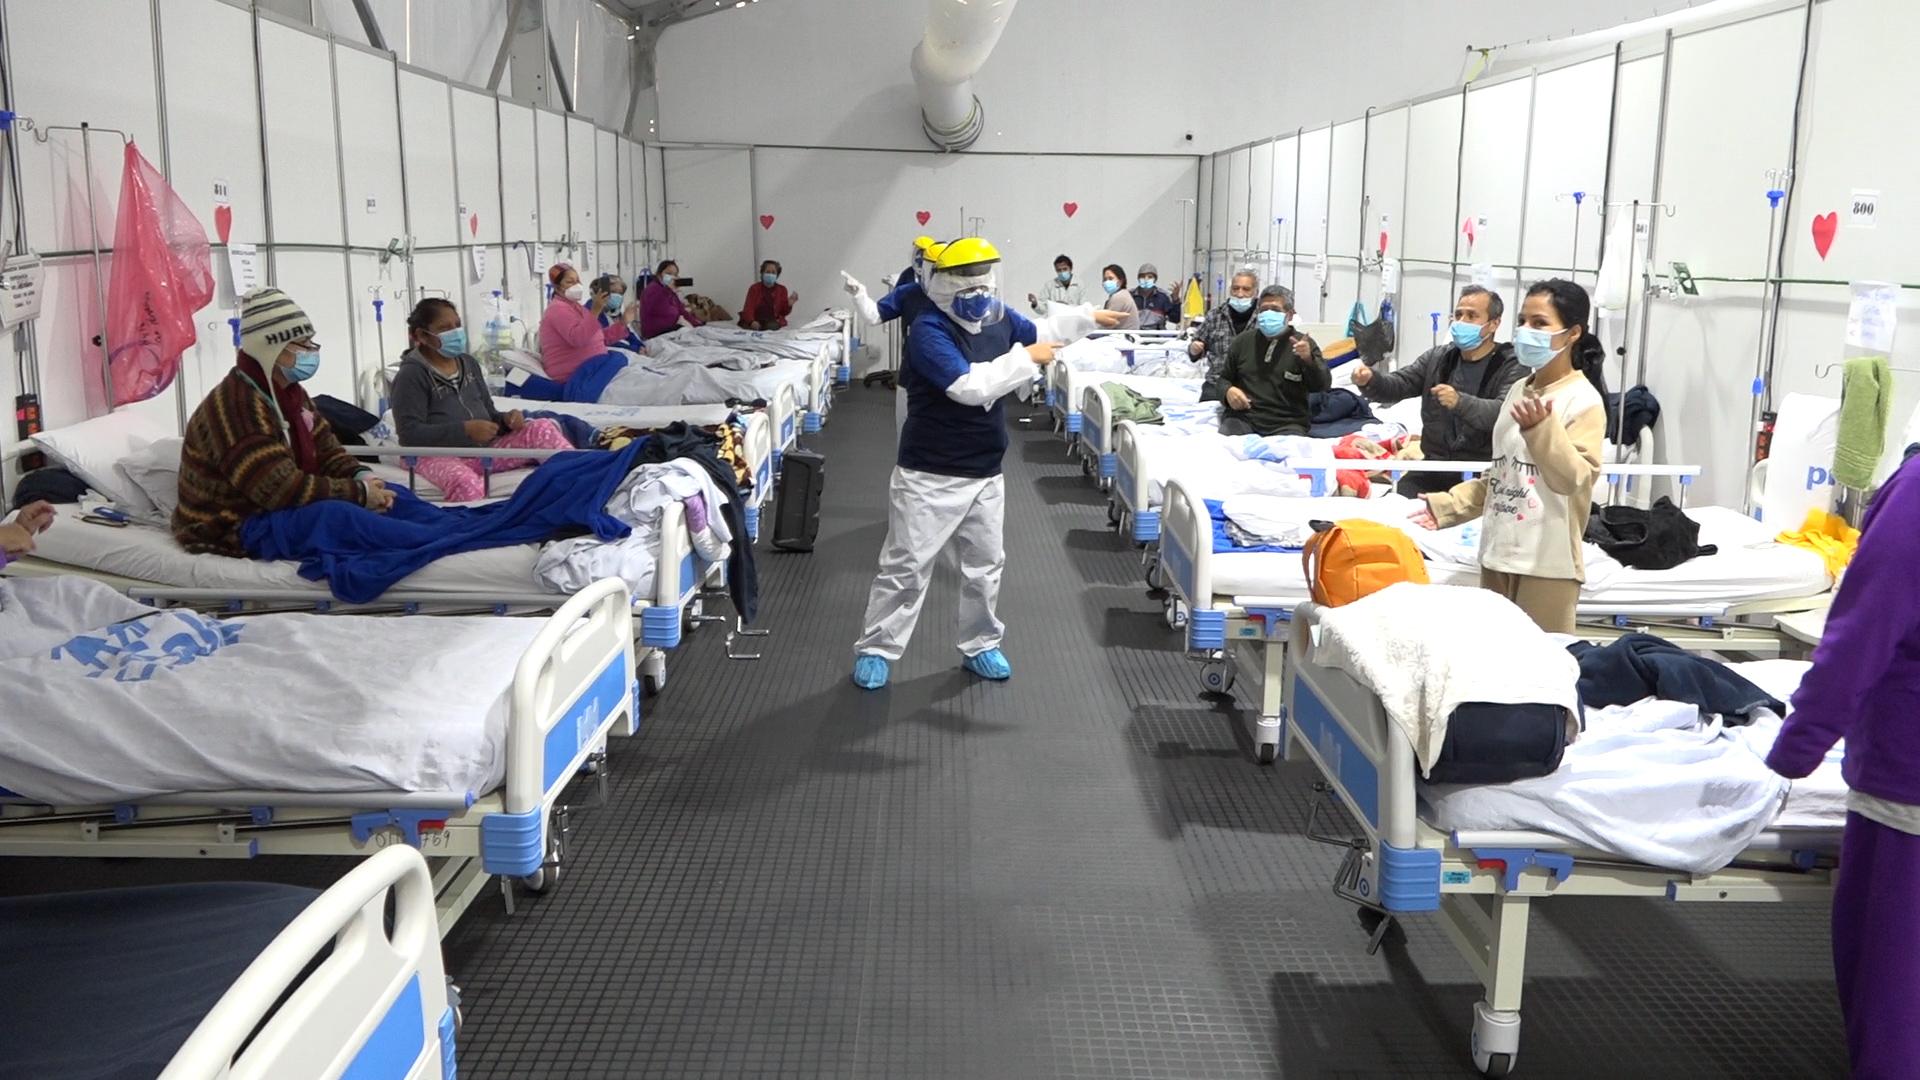 Essalud - En EsSalud pacientes COVID-19 reciben terapias psicológicas especializadas durante su recuperación física